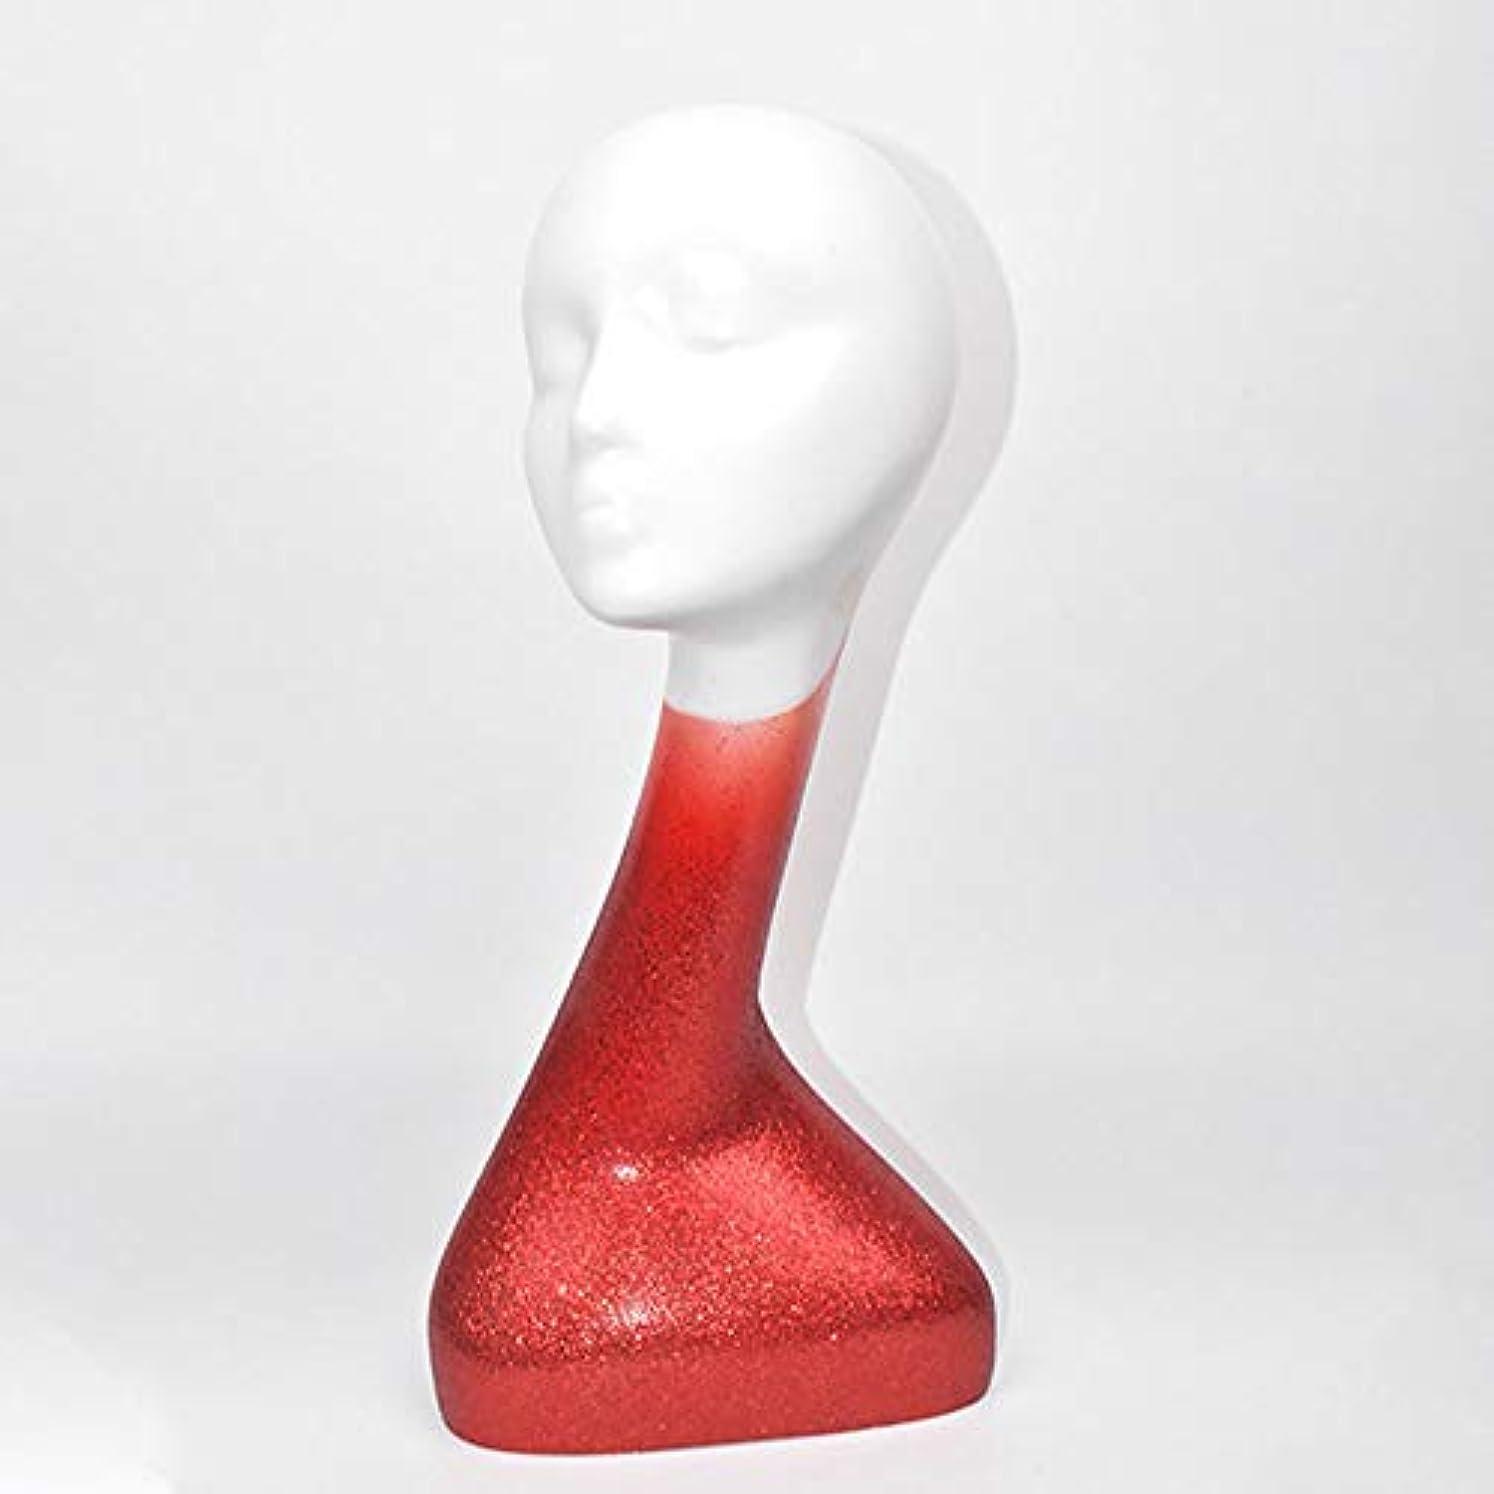 不十分ではごきげんよう性交フラッシュカラーヘッドモデルダミーヘッドモデルウィッグマジックカラーヘッドモデルスタイリングウィッグハットディスプレイ,赤